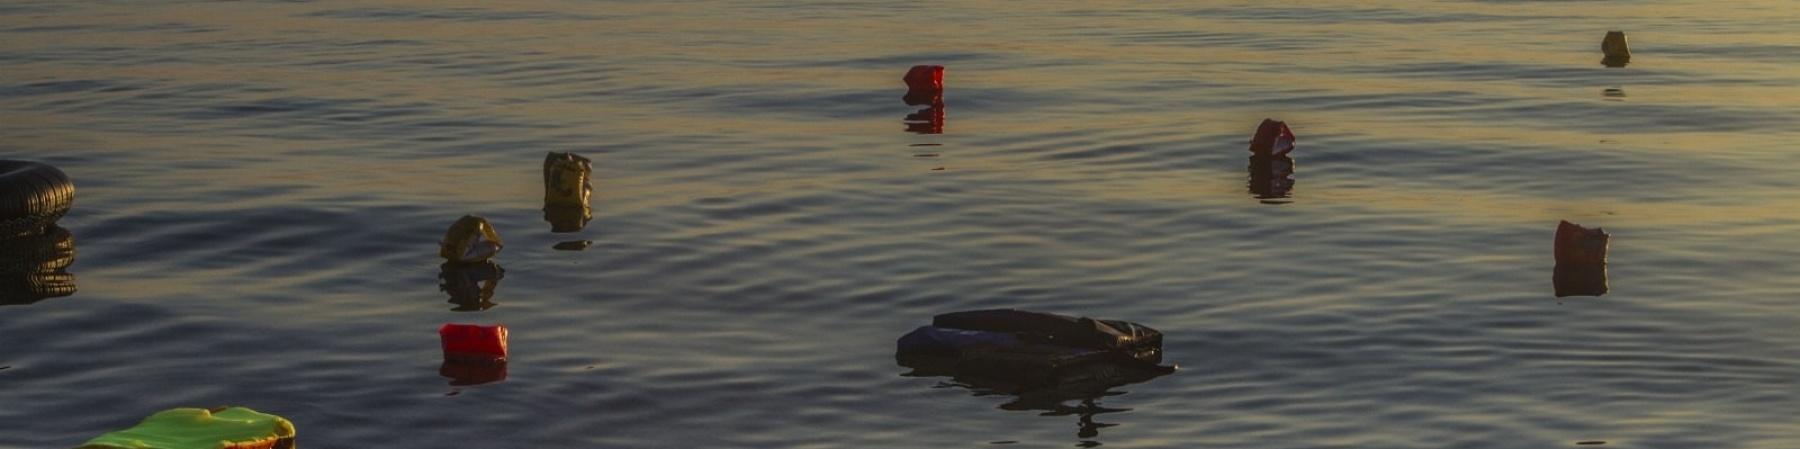 giubbotti di salvataggio e resti di un gommone naufragato in mare